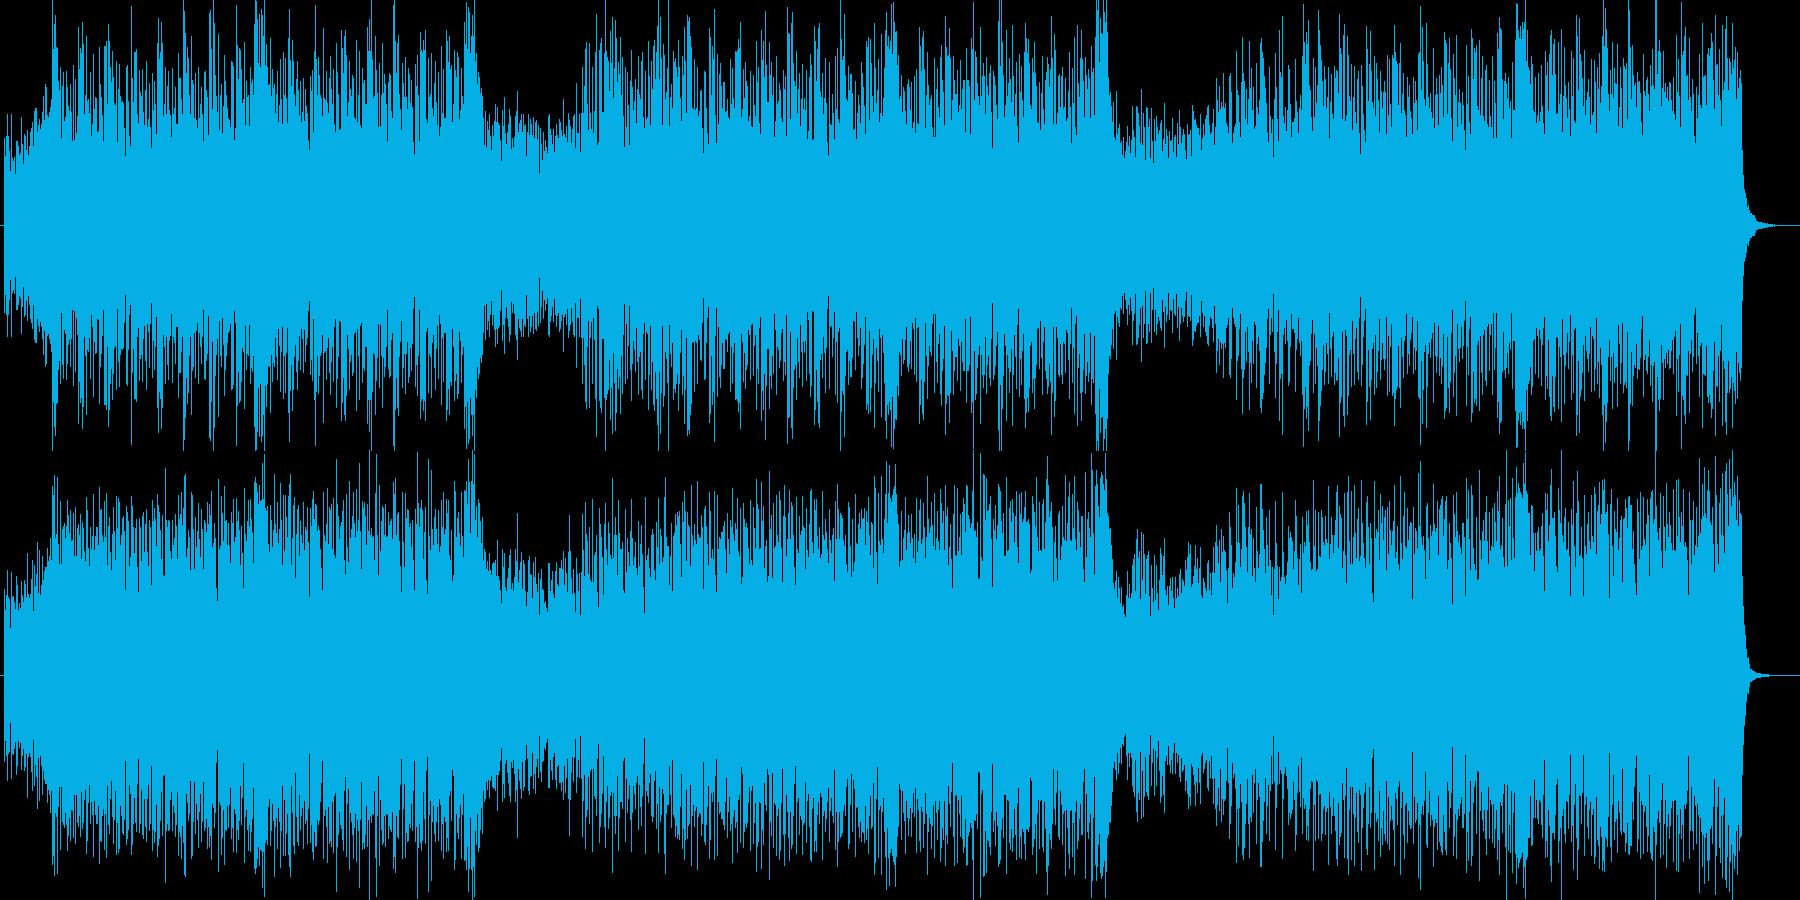 シンセが80年代風の宇宙的サウンドの再生済みの波形